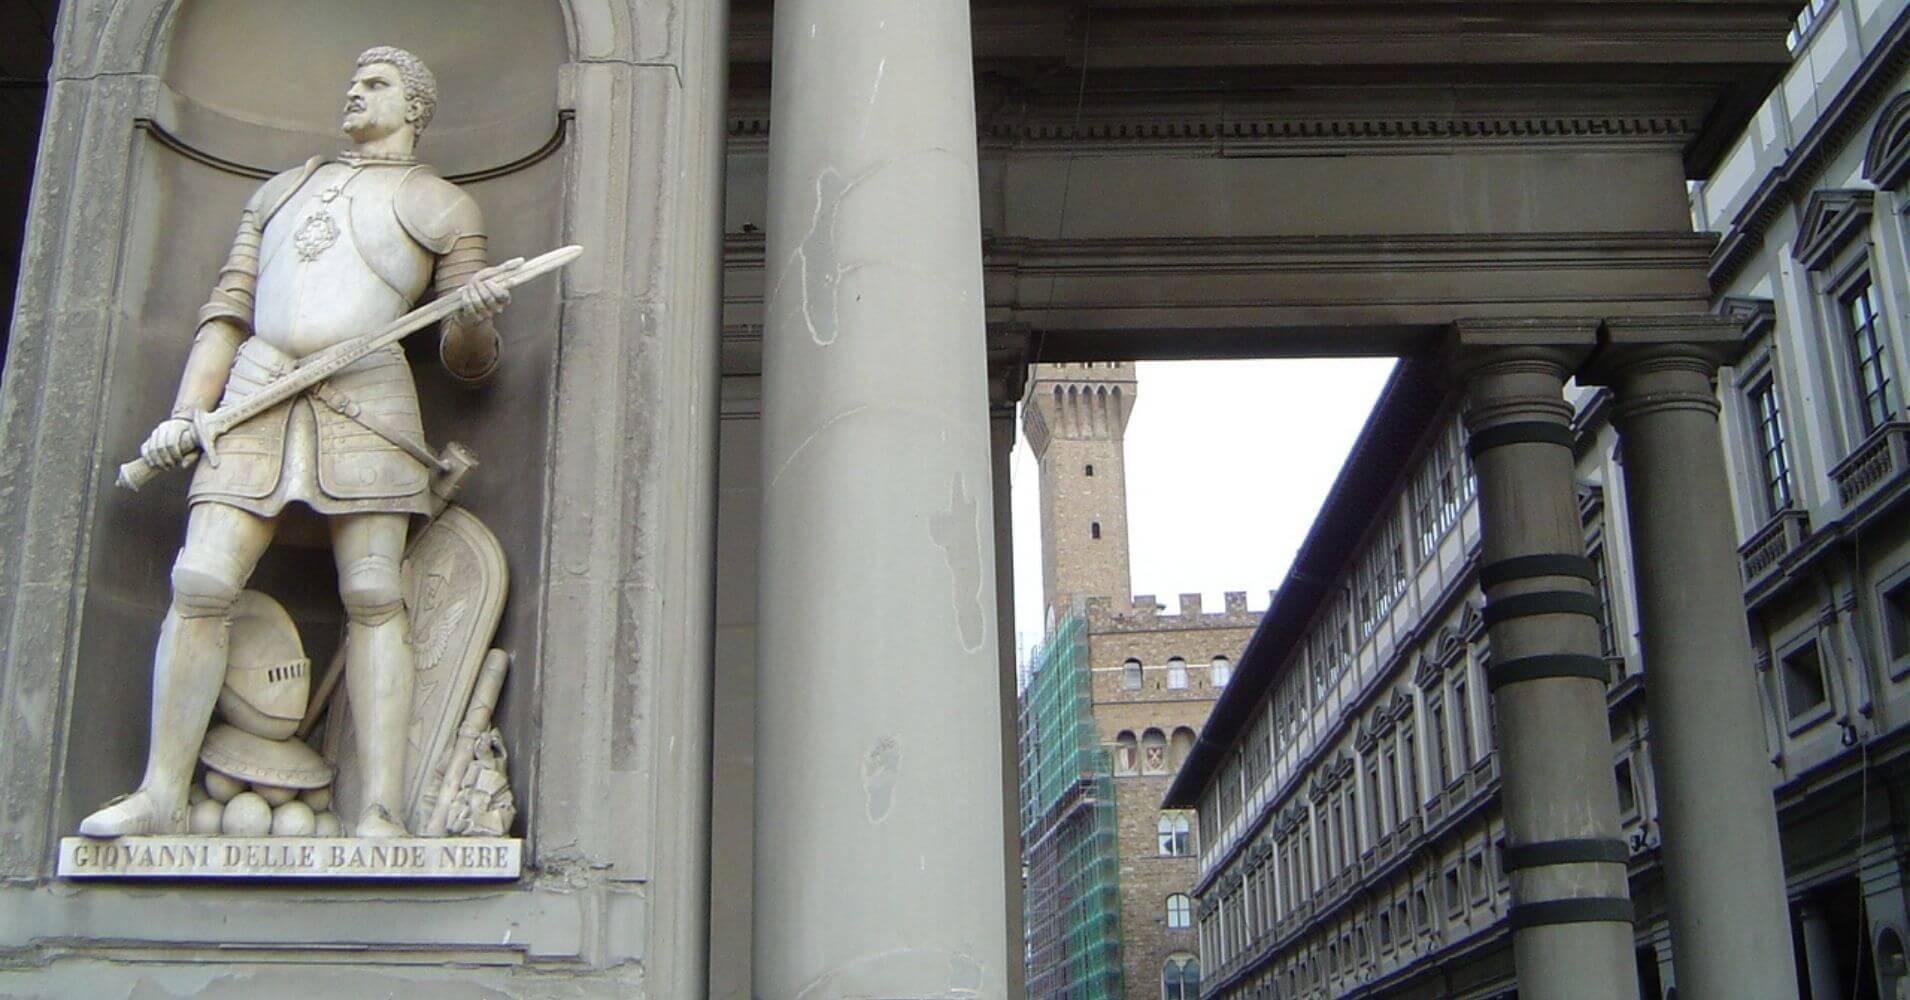 Galería Uffizi. Cinco días en Florencia. Toscana, Italia.